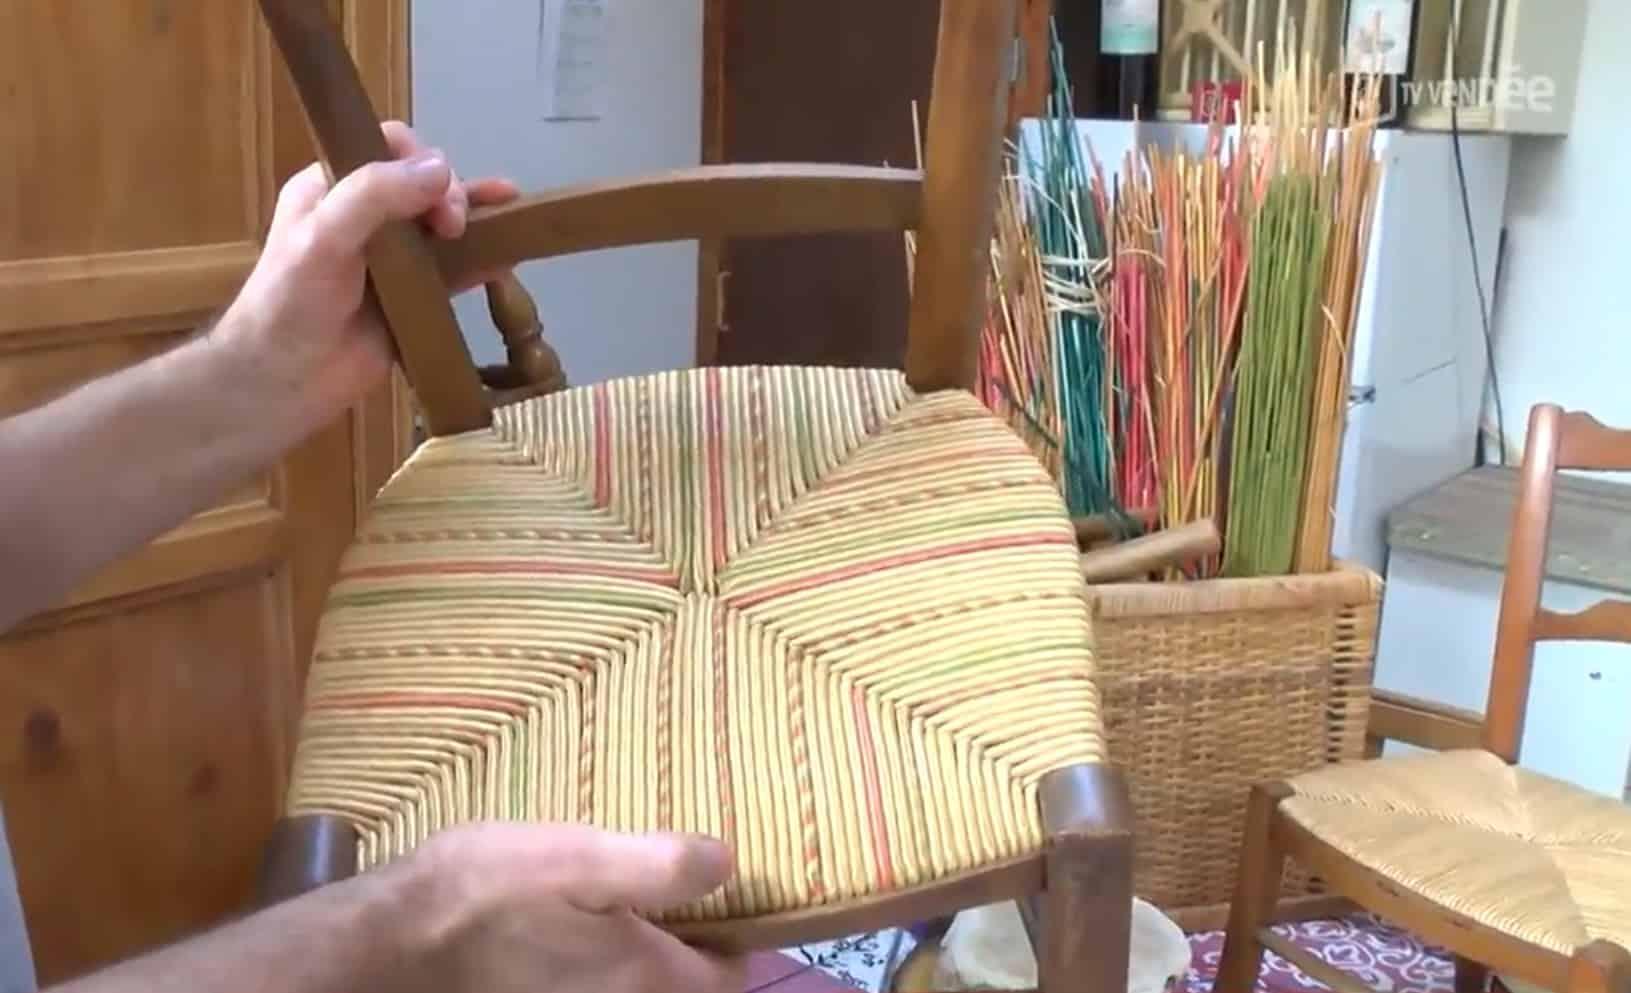 Chaise d'enfant en paillage restaurée par le CDTD